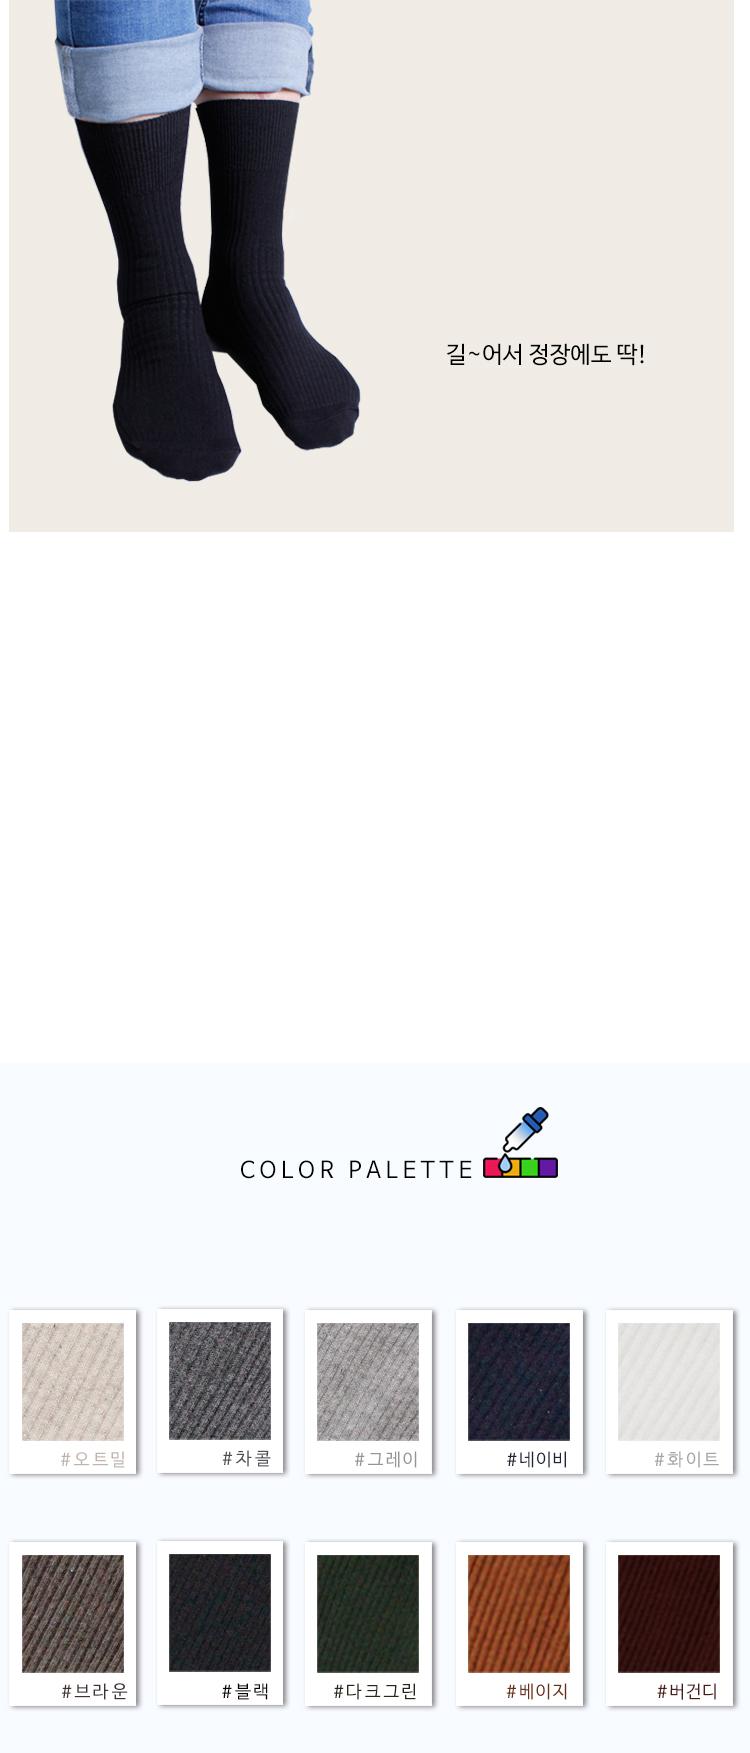 루나삭스_남성 갑종 10칼라 학생양말 5개 세트 - 루나삭스, 9,500원, 남성양말, 패션양말